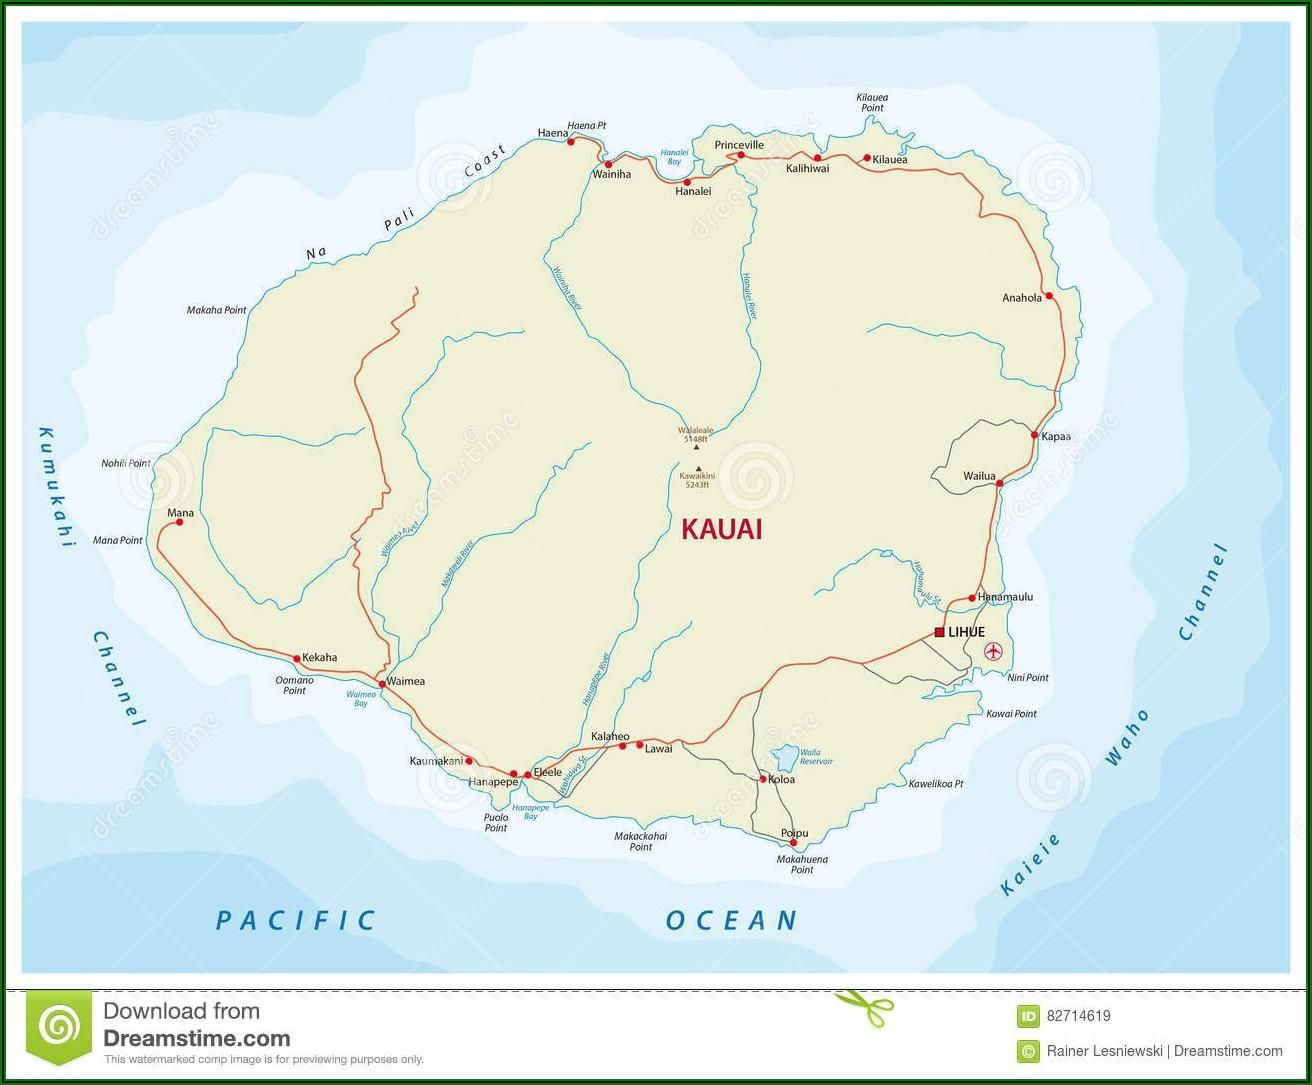 Detailed Road Map Of Kauai